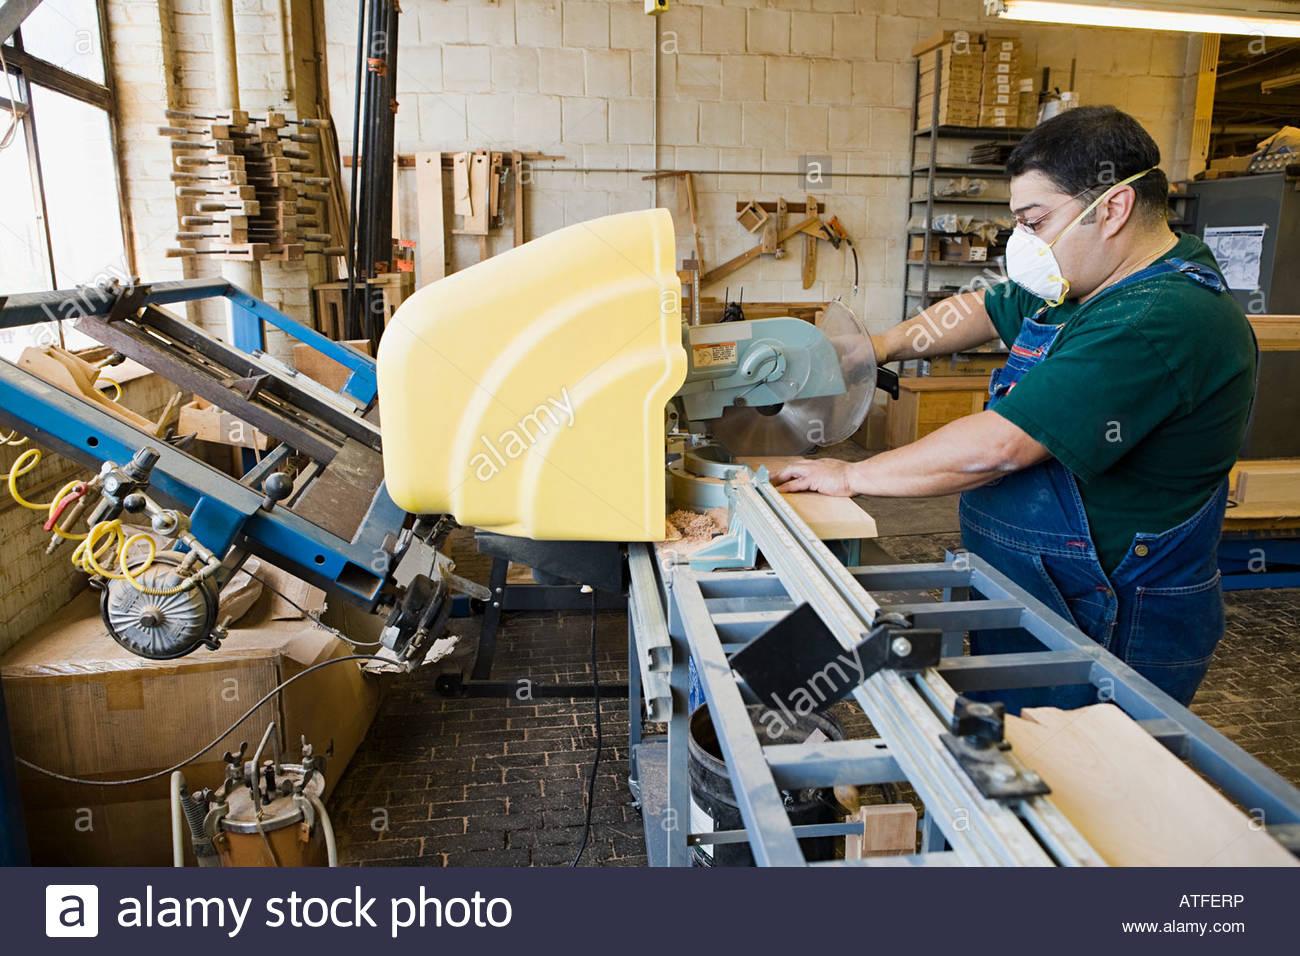 Carpenter using a circular saw - Stock Image